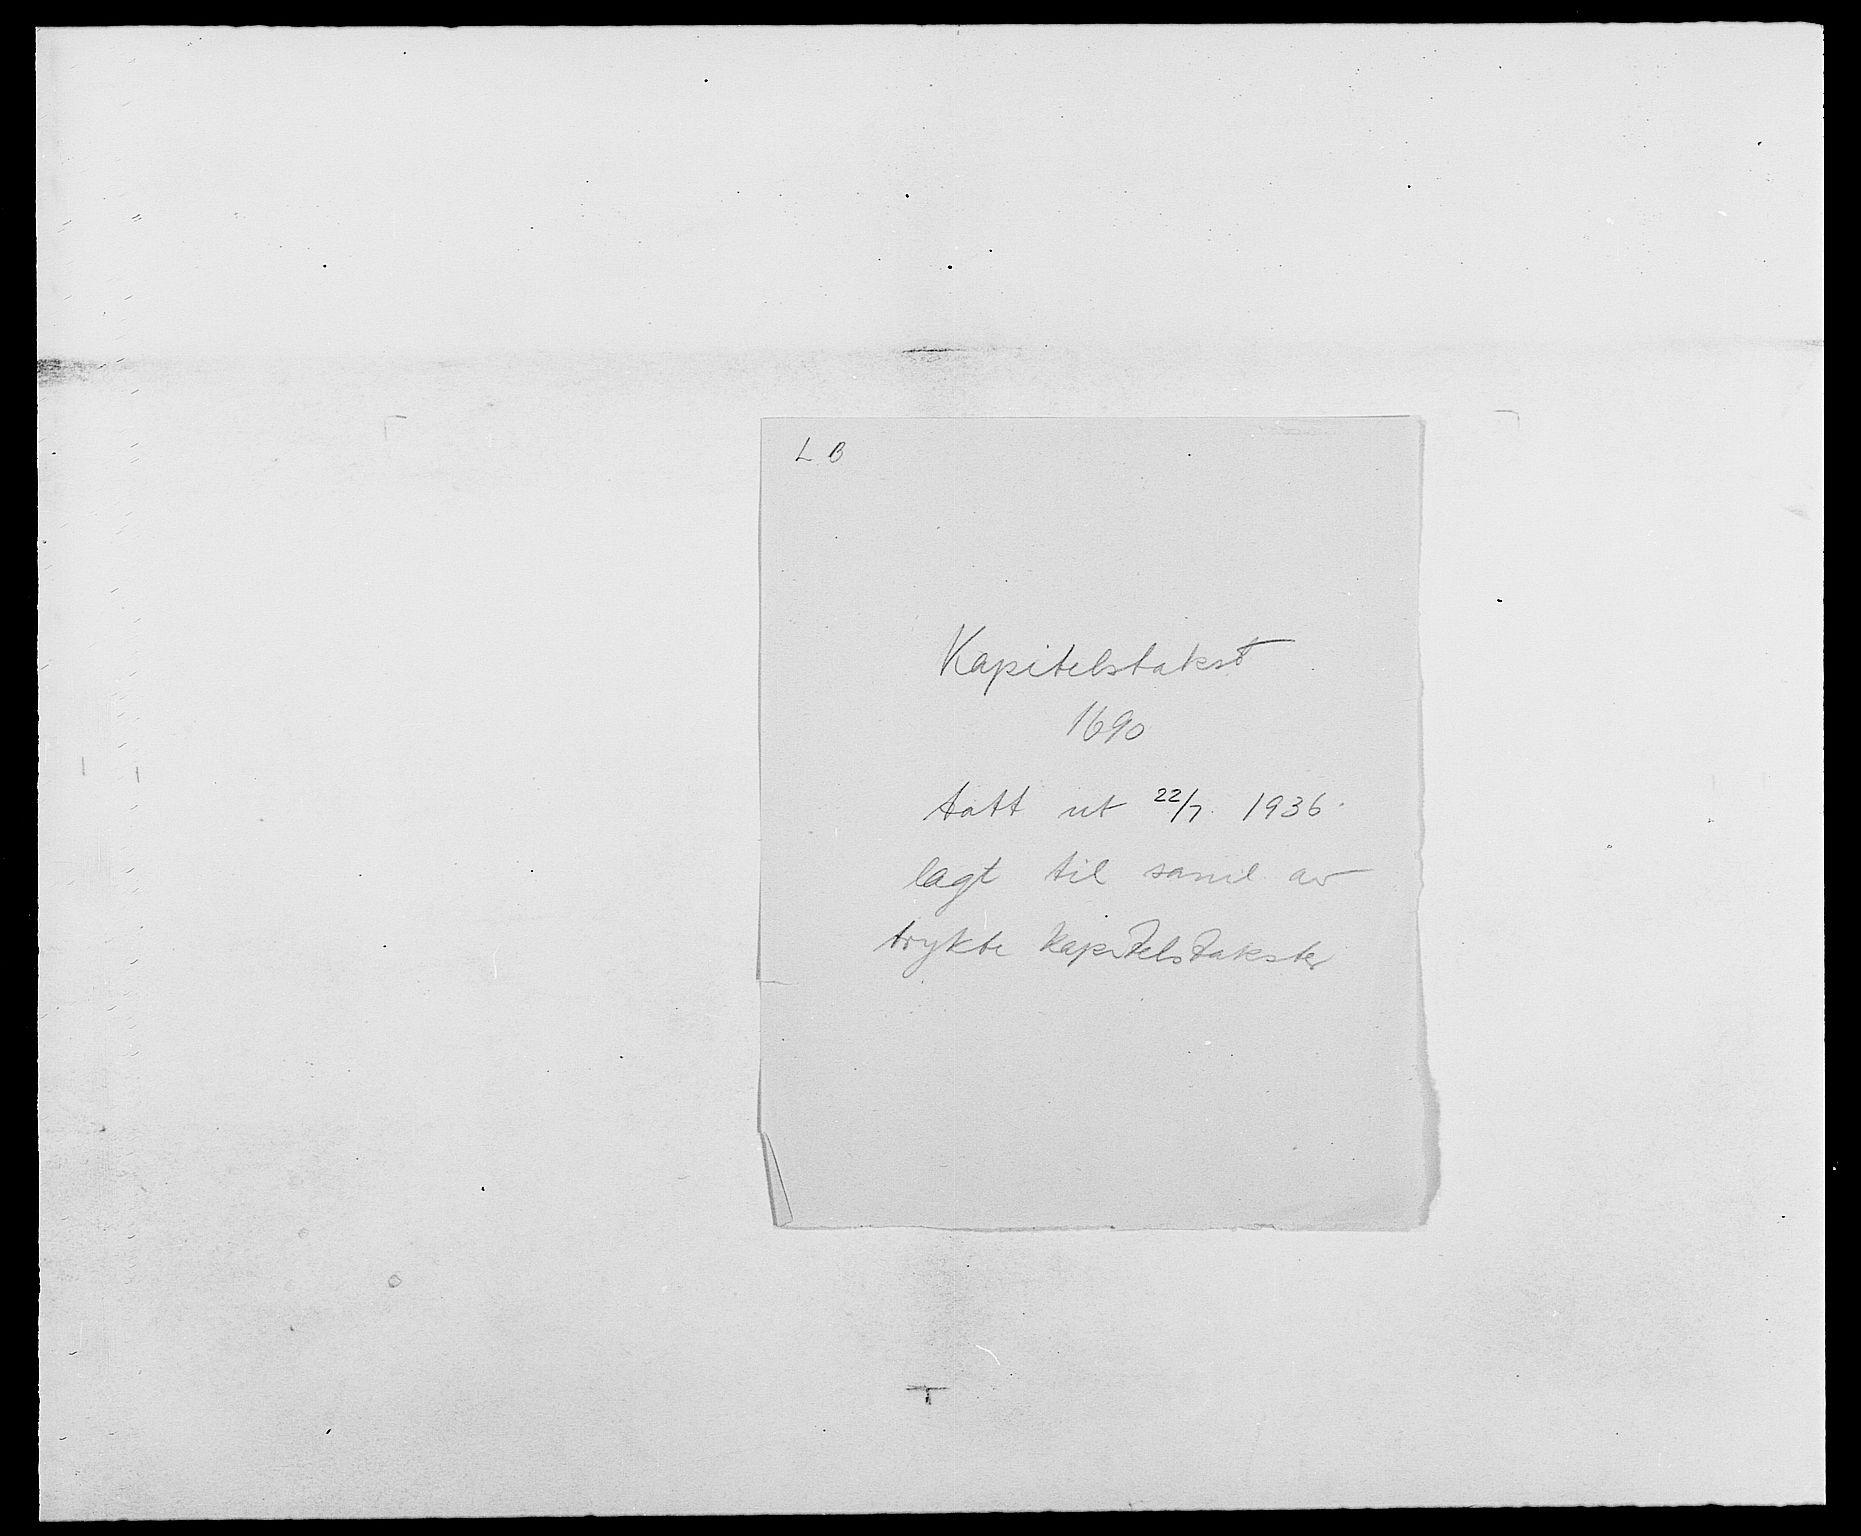 RA, Rentekammeret inntil 1814, Reviderte regnskaper, Fogderegnskap, R01/L0010: Fogderegnskap Idd og Marker, 1690-1691, s. 184